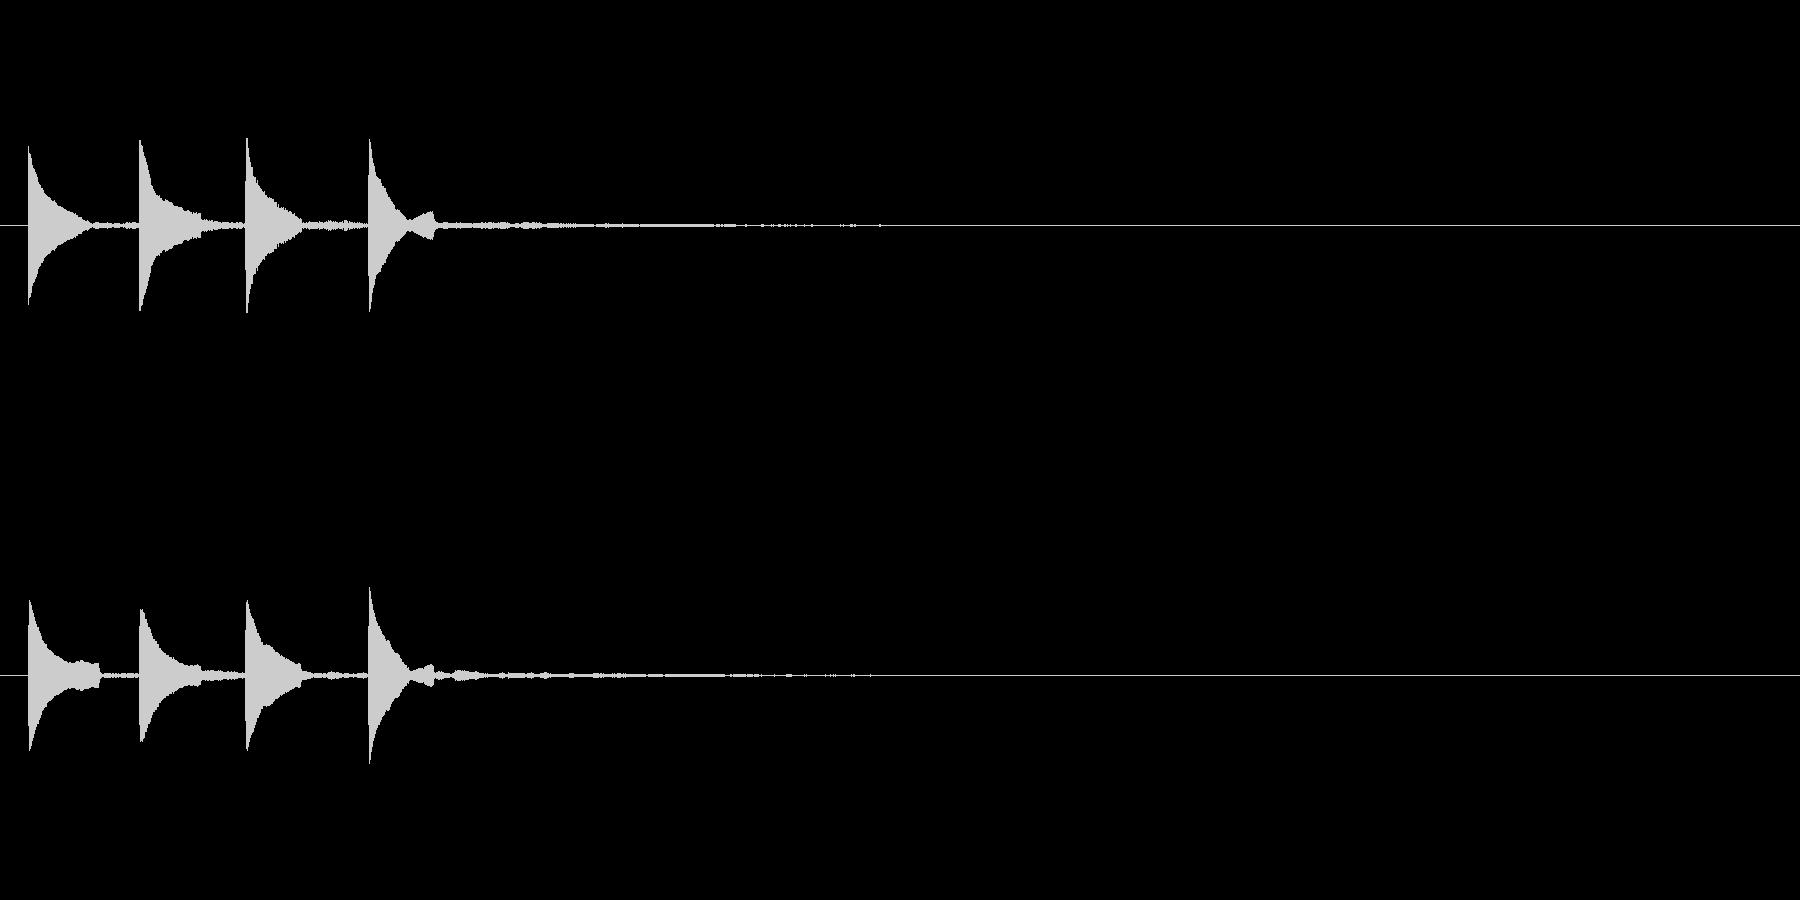 システム音 着信音 ピポピポーン2の未再生の波形